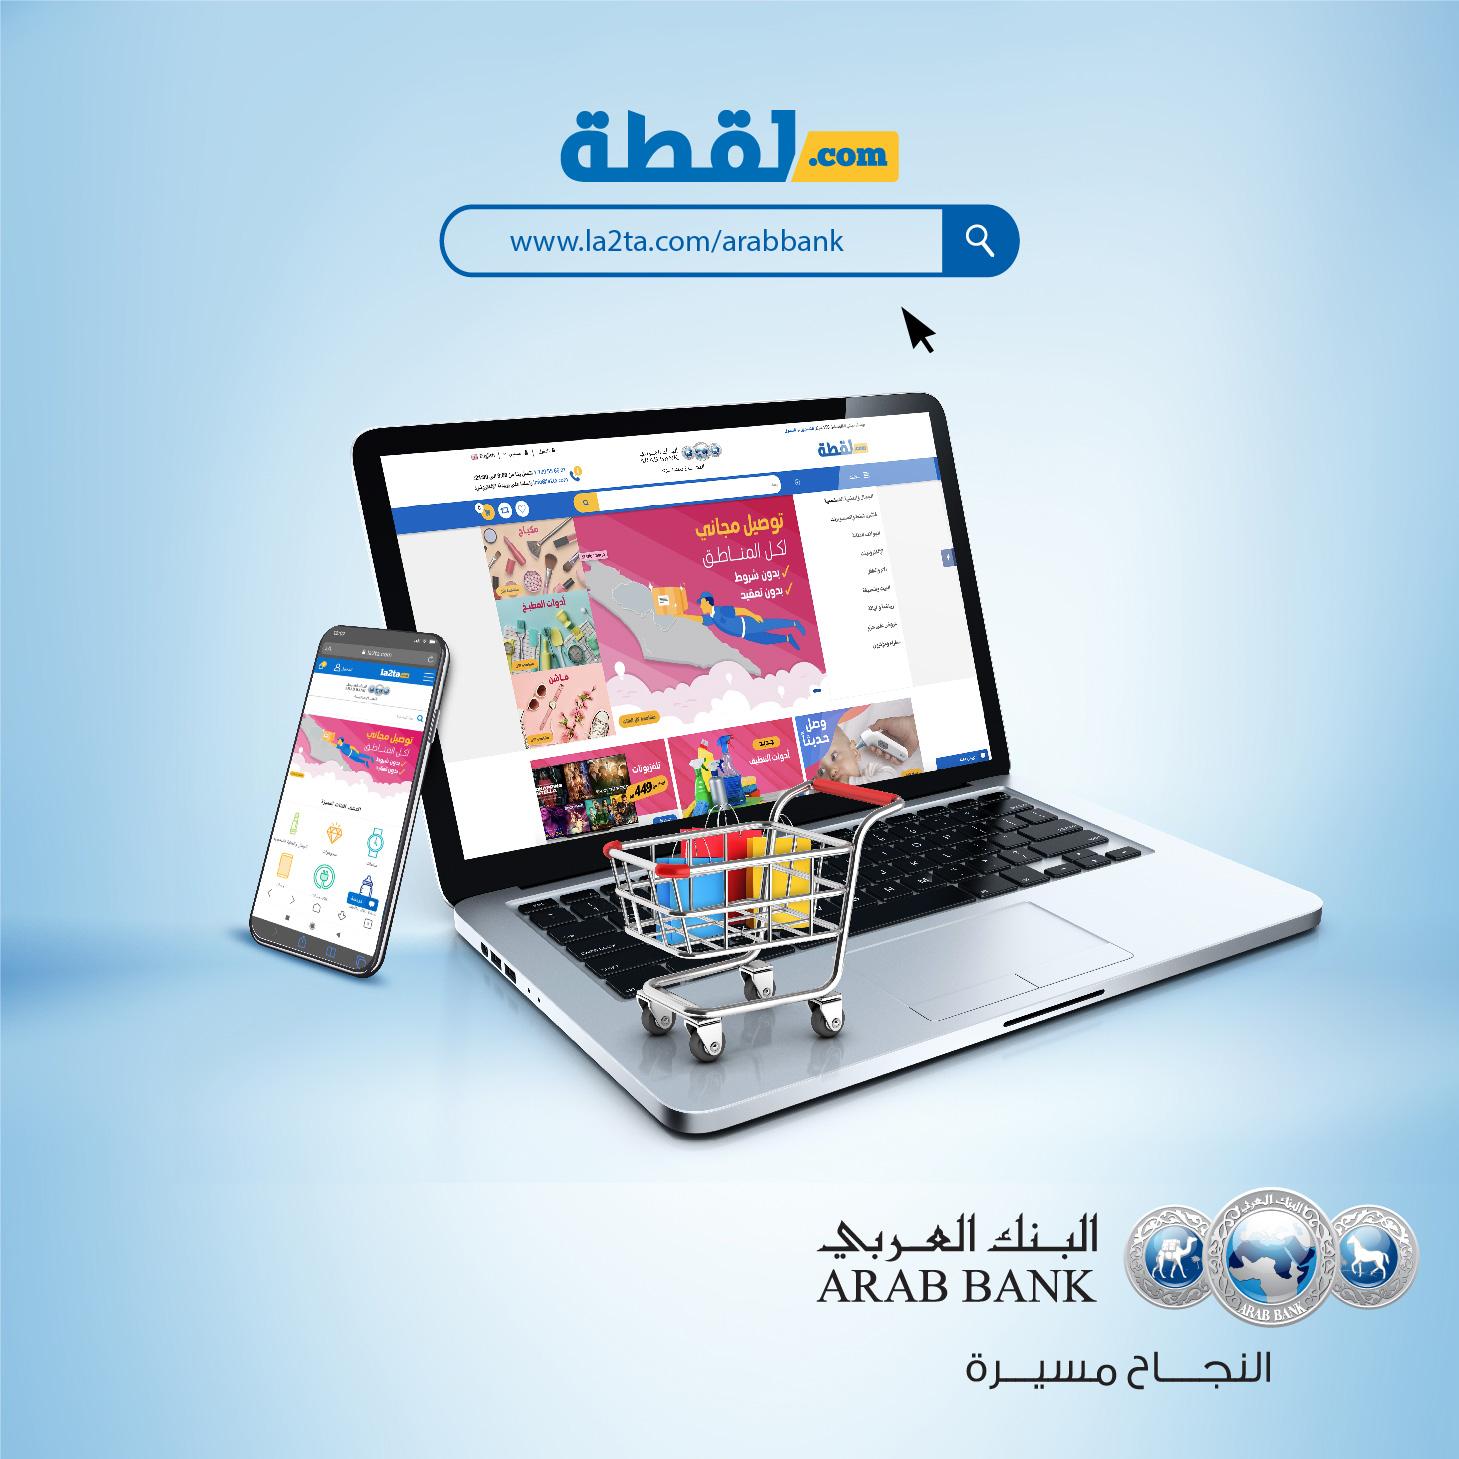 """البنك العربي يتيح لمعتمديه استبدال """"نقاط العربي"""" للتسوق لدى موقع لقطة.كوم"""